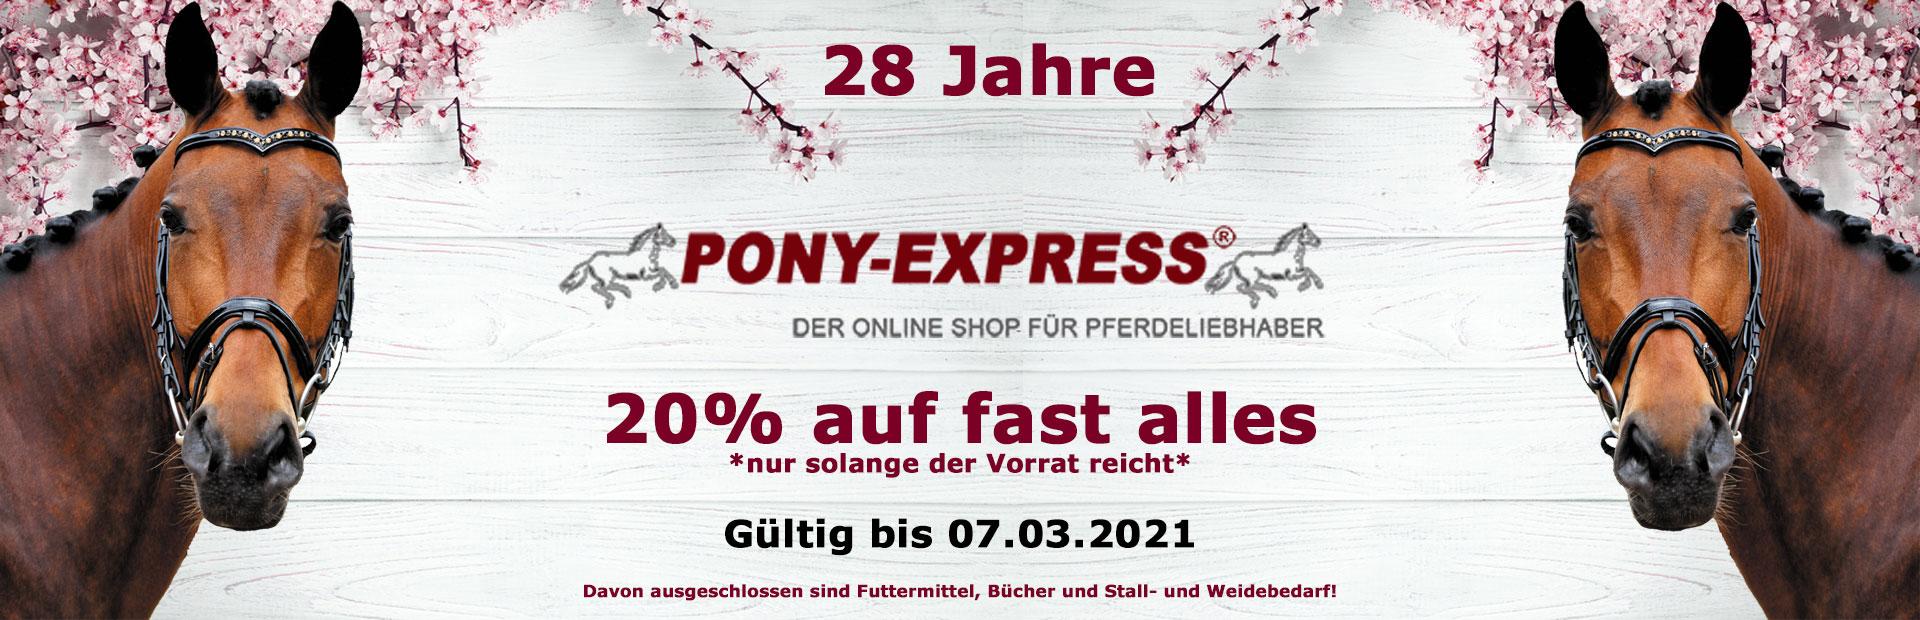 27 Jahre Pony-Express 20% auf viele Artikel.